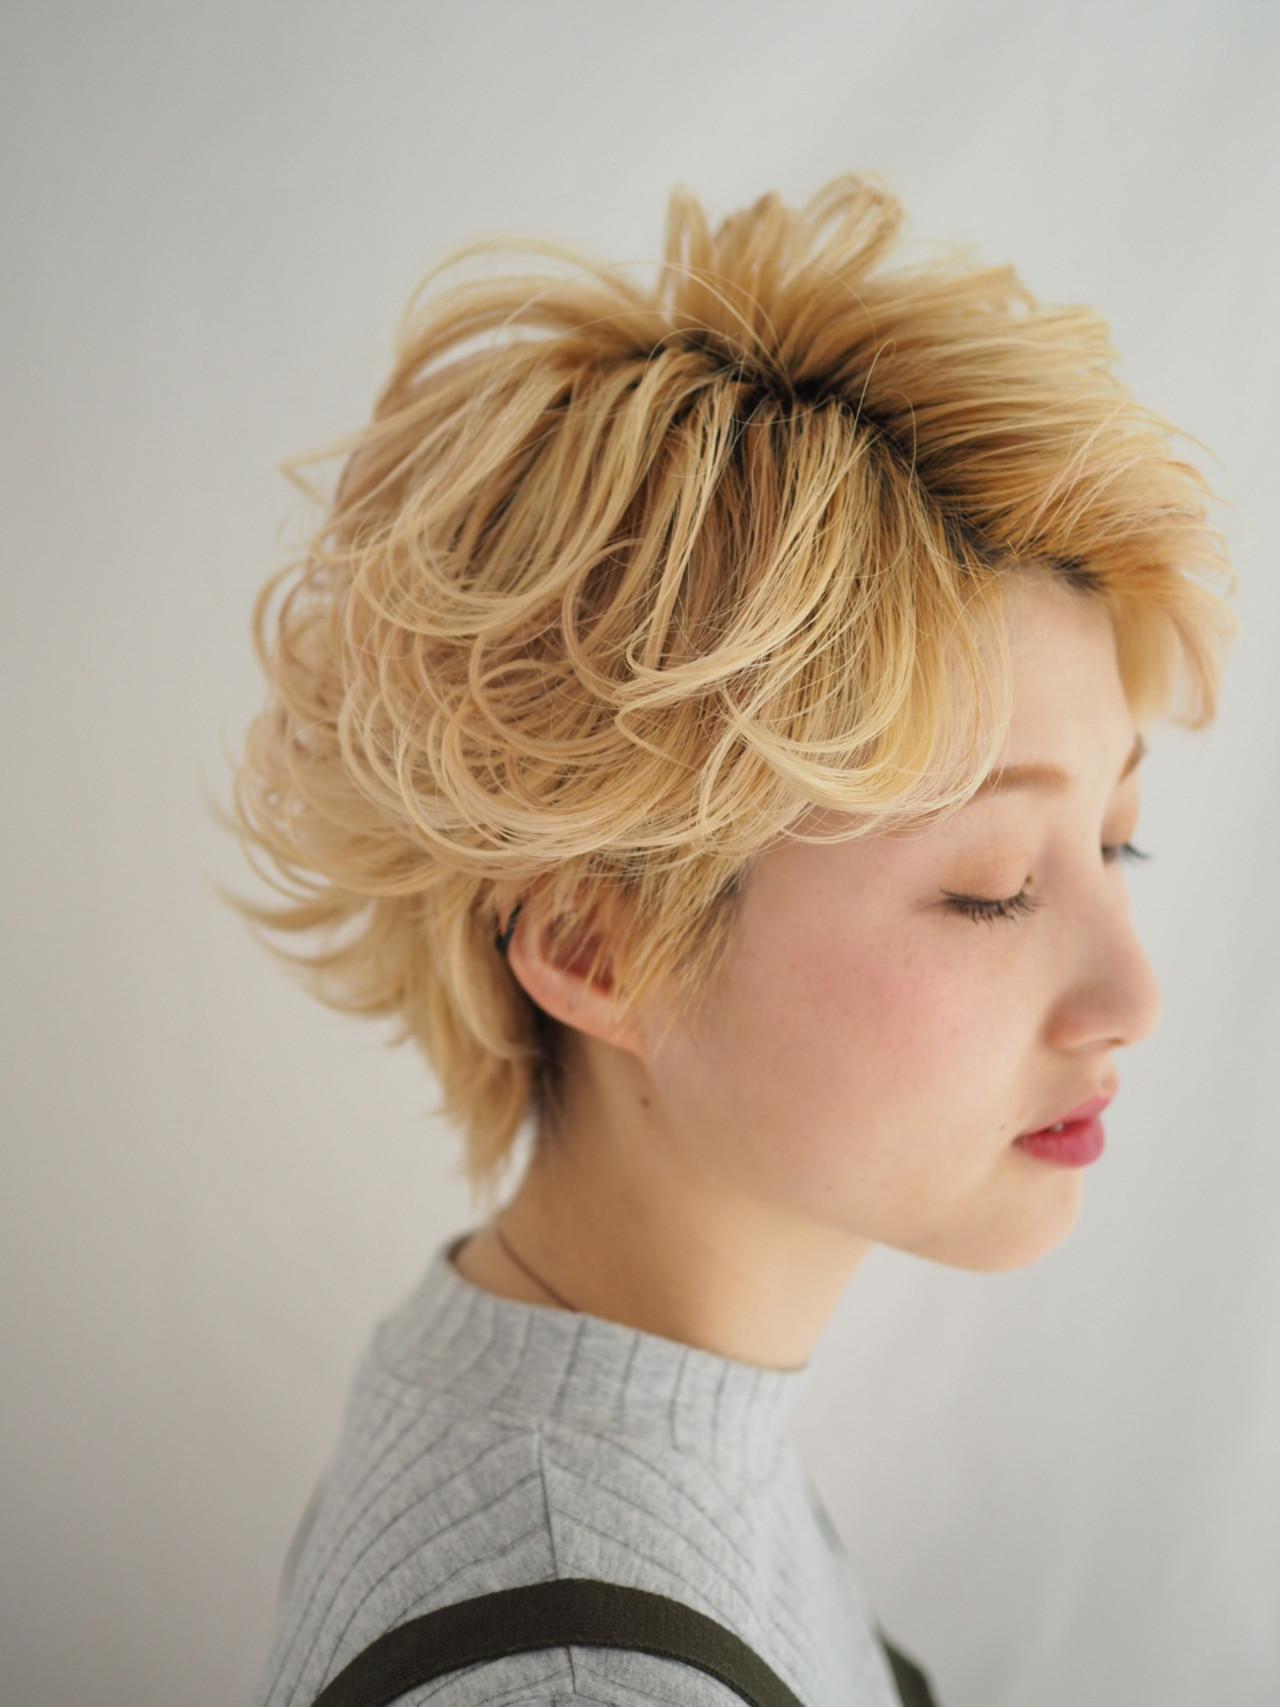 ナチュラル ハイトーン 色気 ショート ヘアスタイルや髪型の写真・画像 | short yoshioka / オブヘア自由が丘